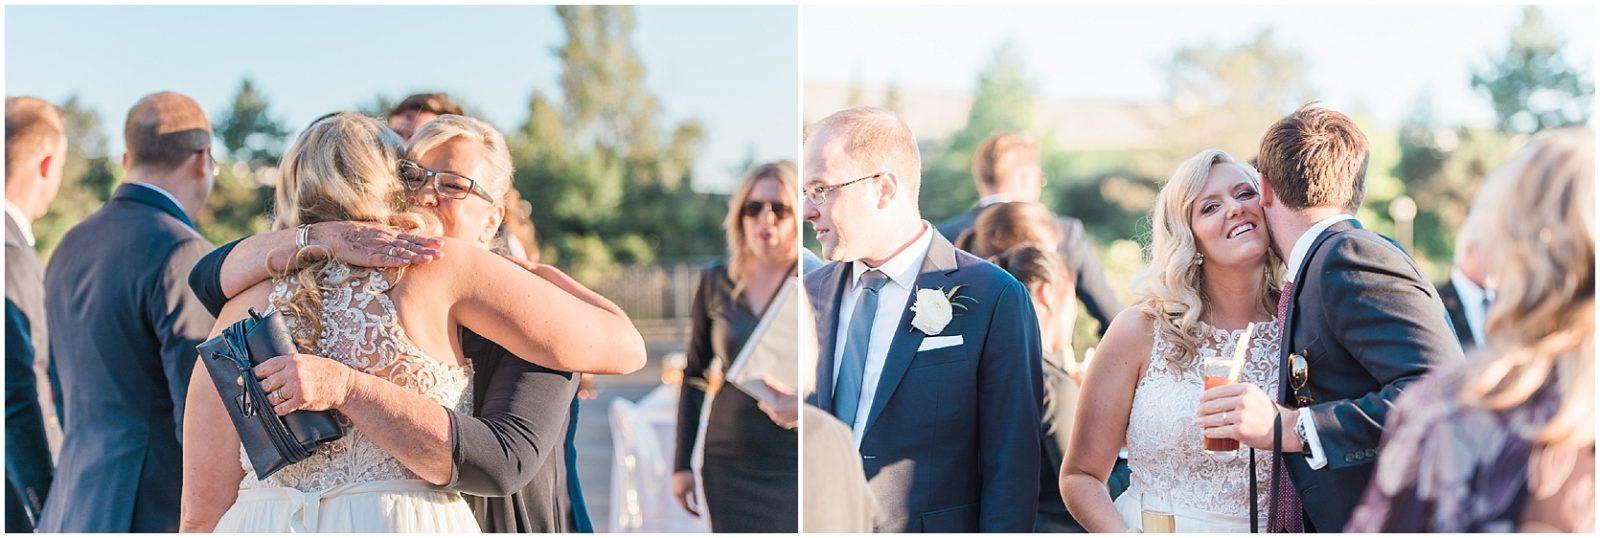 0178 SS-Late Summer Wedding at Zibi - Ottawa_PhotosbyEmmaH_WEB.jpg